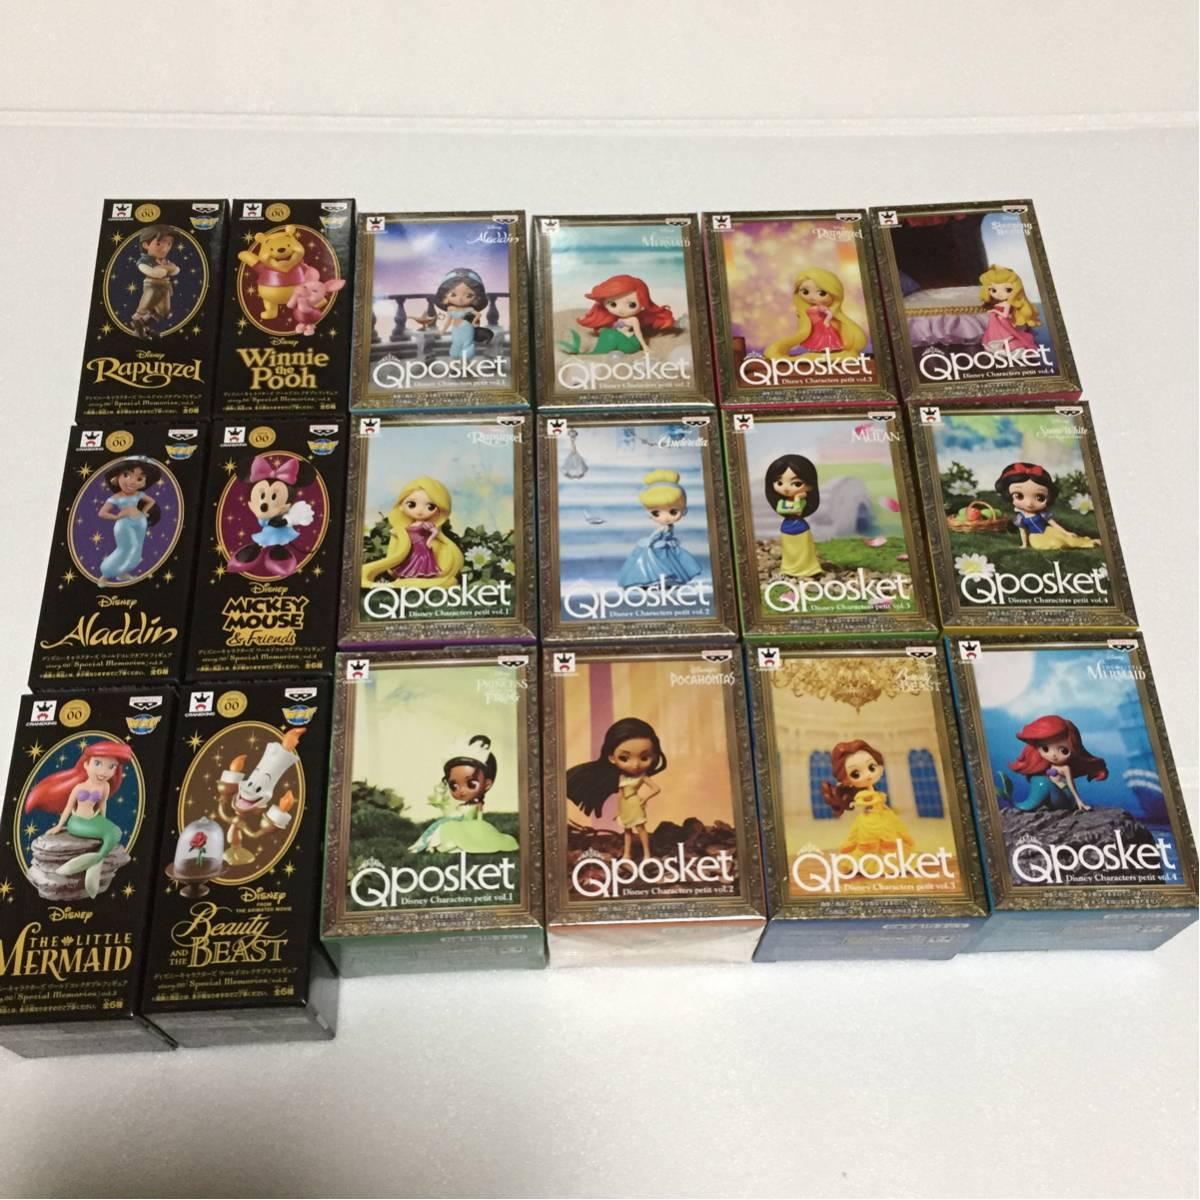 Q posket Disney Characters petit フルコンプ ジャスミン ティアナ アリエル ベル ムーラン オーロラ姫 全18個 ディズニーグッズの画像